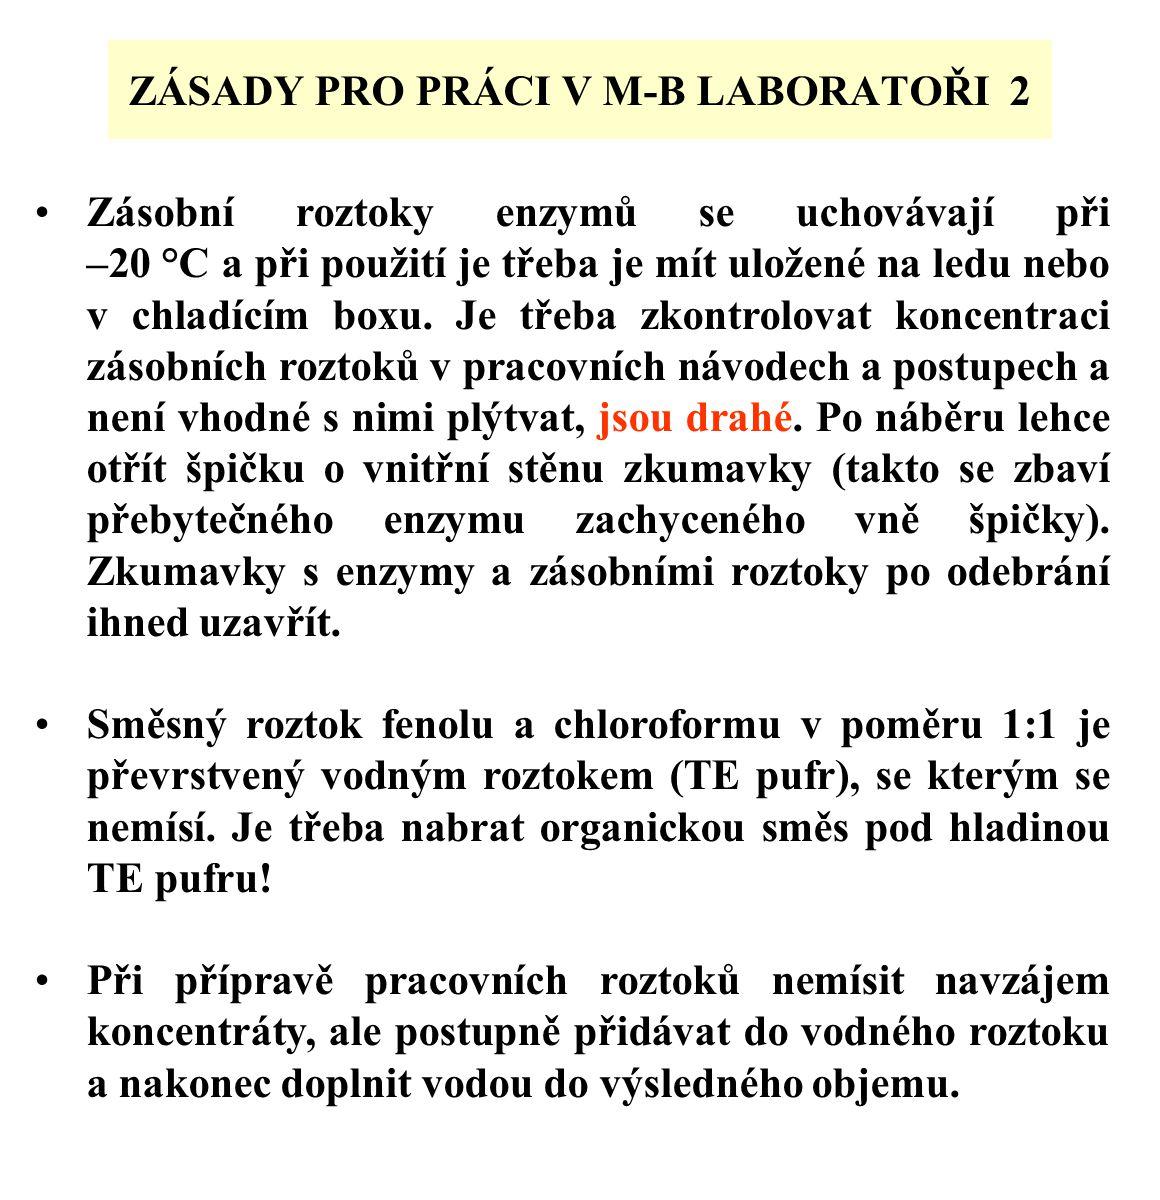 ZÁSADY PRO PRÁCI V M-B LABORATOŘI 2